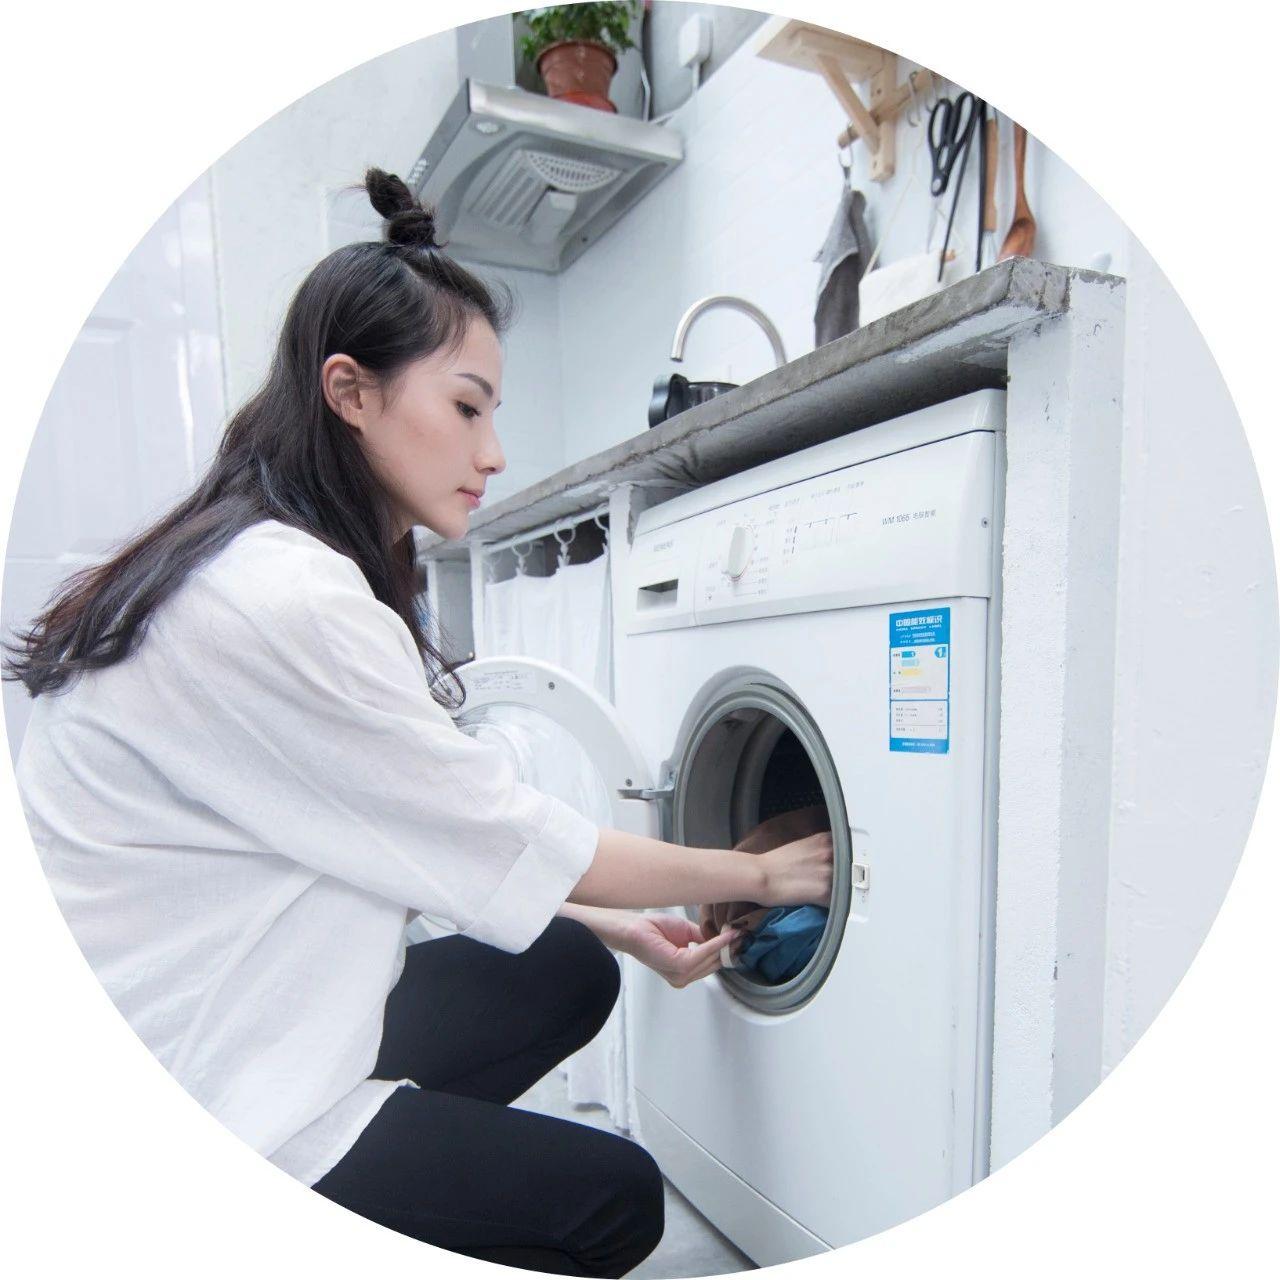 活了30年才知道,洗衣机竟暗藏污垢开关,难怪衣服越洗越脏!